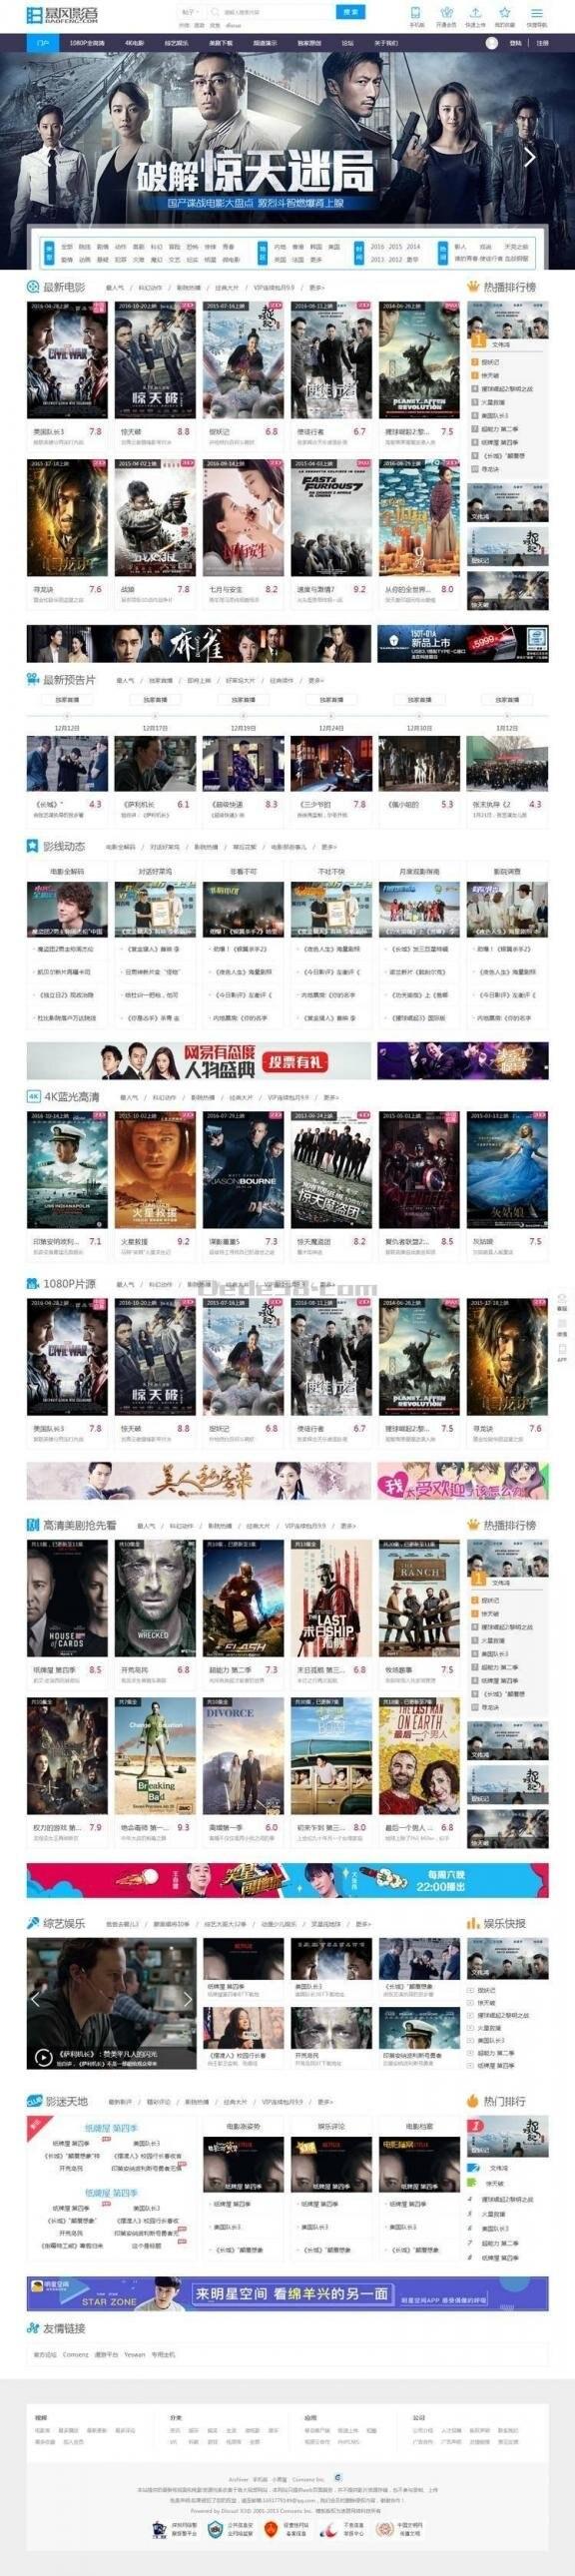 Discuz x3.2模板 迪恩电影美剧下载 商业版 GBK_源码下载